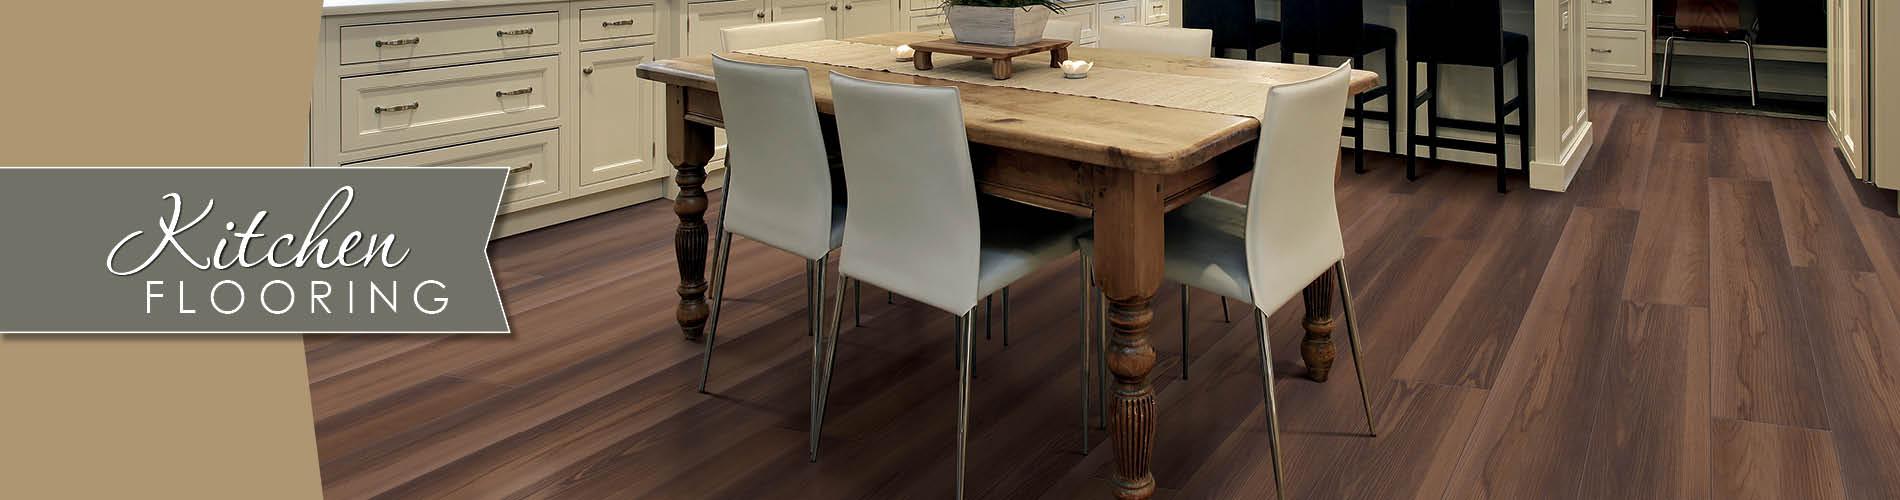 Kitchen Flooring at Flooring USA in Stuart